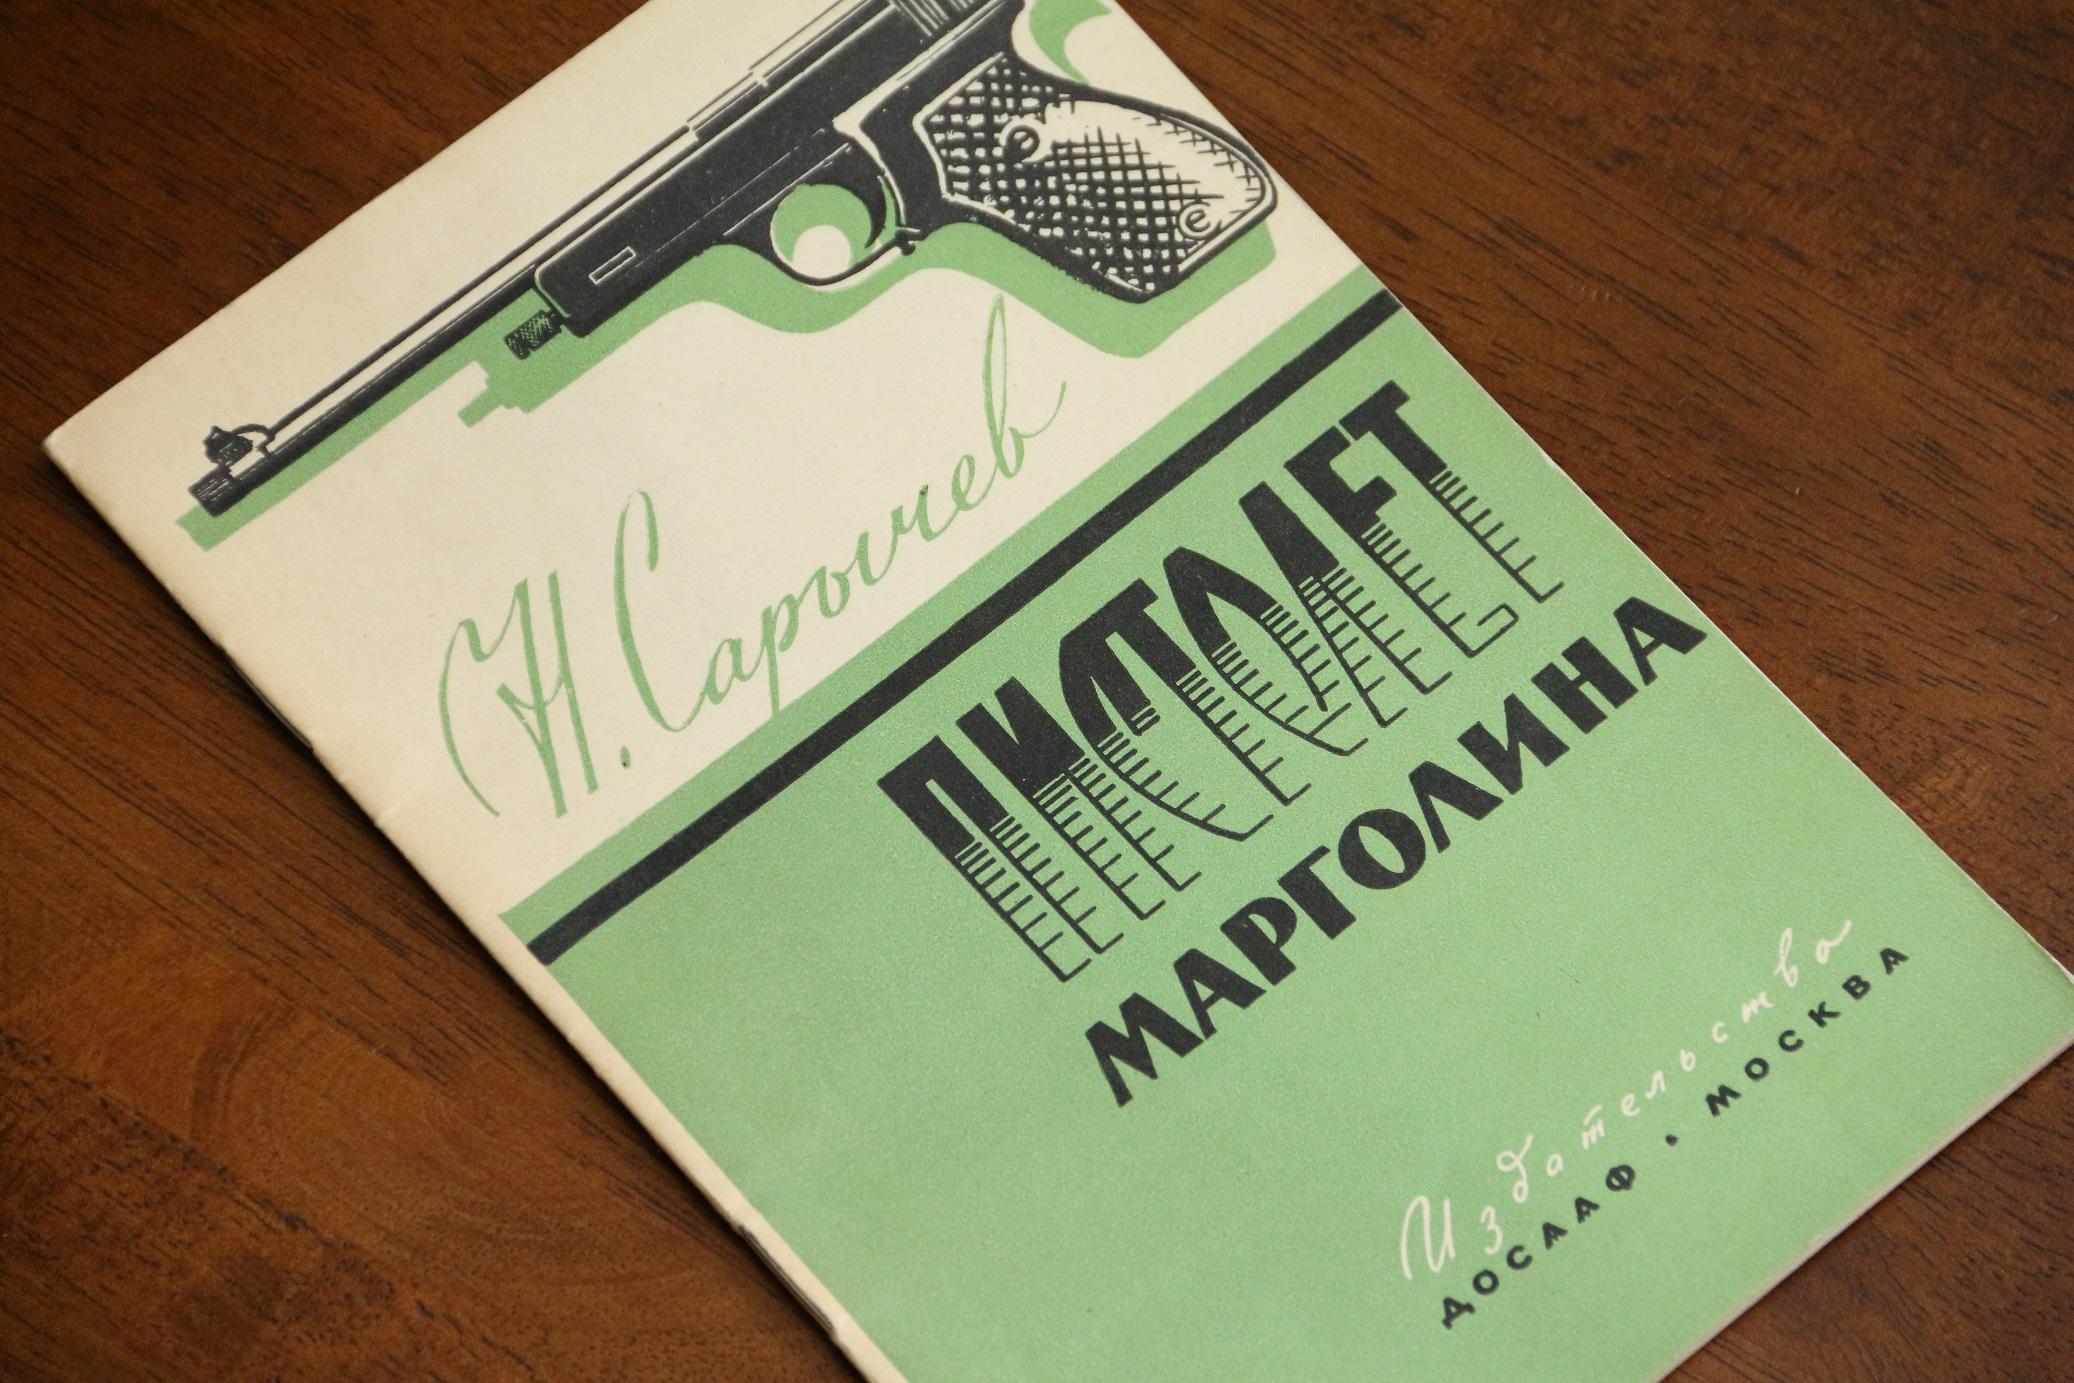 Пистолет Марголина, Н. Сырачев, под редакцией М.В. Марголина, 1959 год